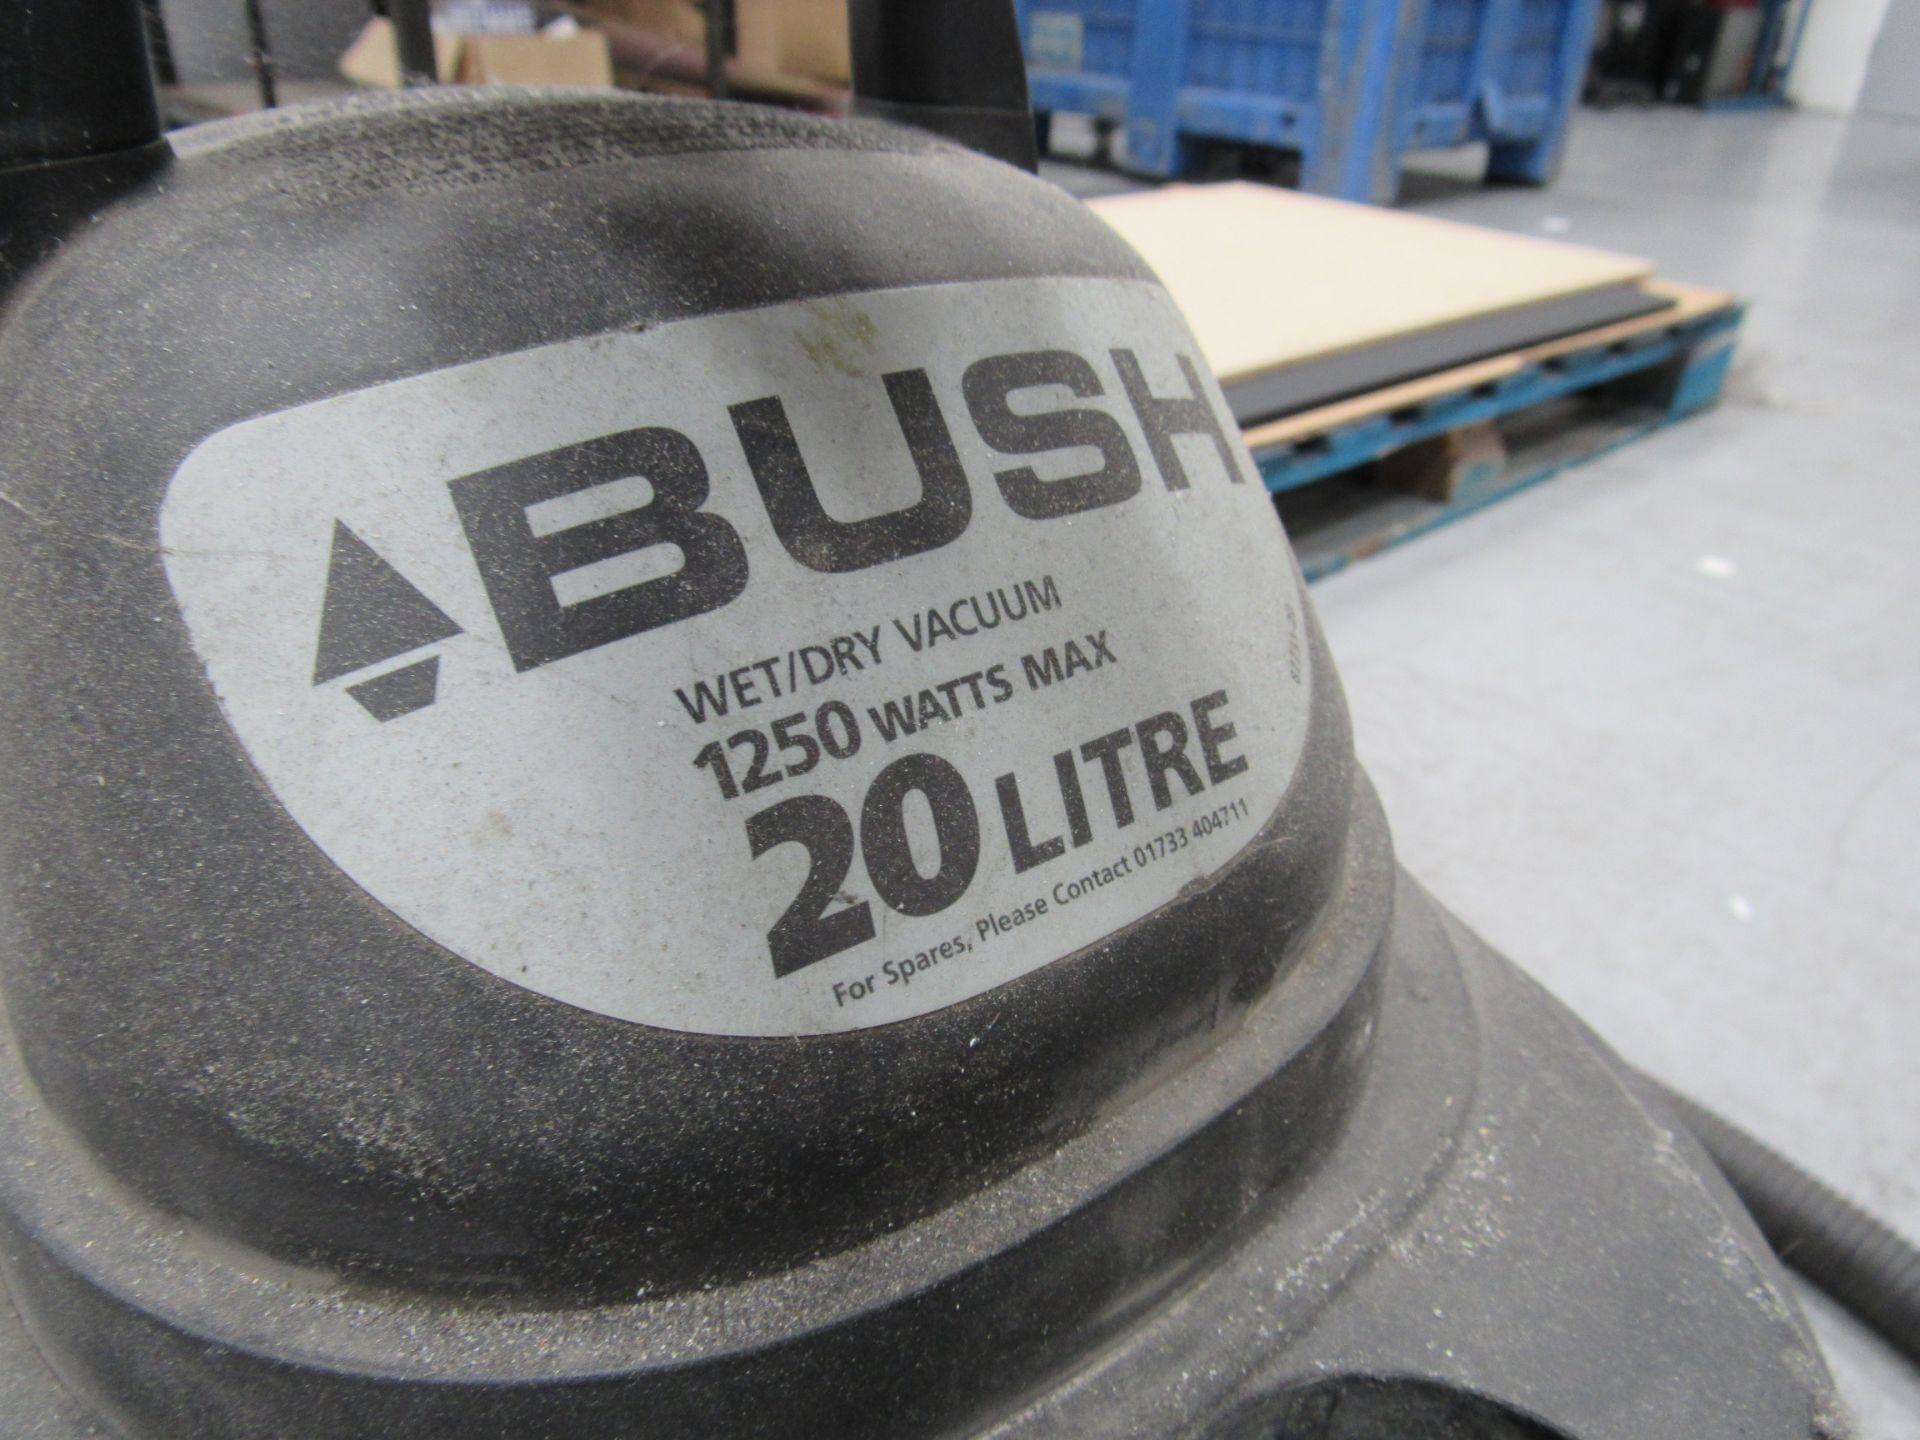 Bush 1250w, 20 Litre Wet/Dry Vacuum - Image 3 of 3